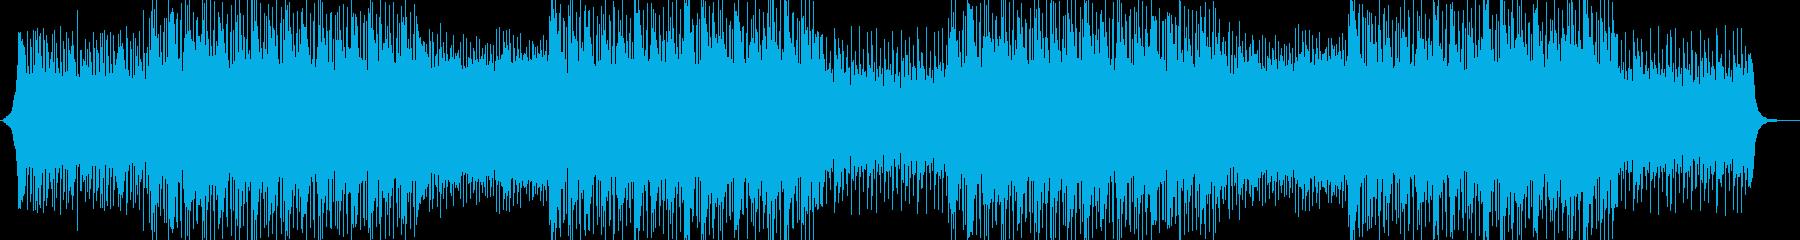 会社紹介、コーポレート、前向き、ピアノの再生済みの波形